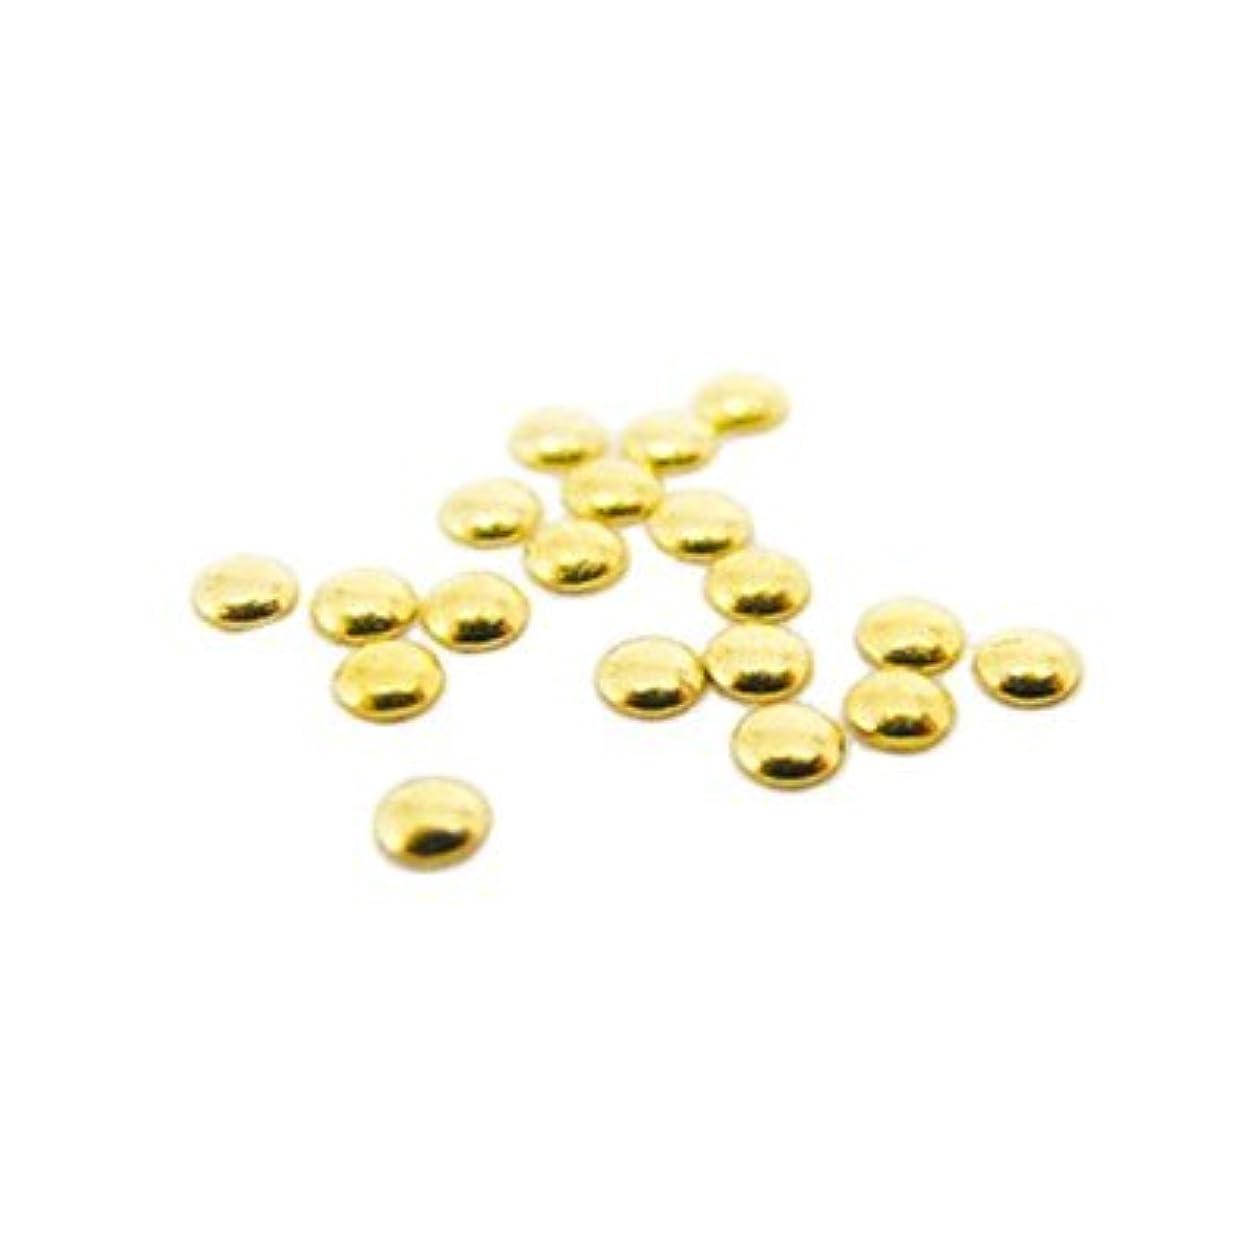 理論的レスリングプレフィックスピアドラ スタッズ 1.5mm 50P ゴールド